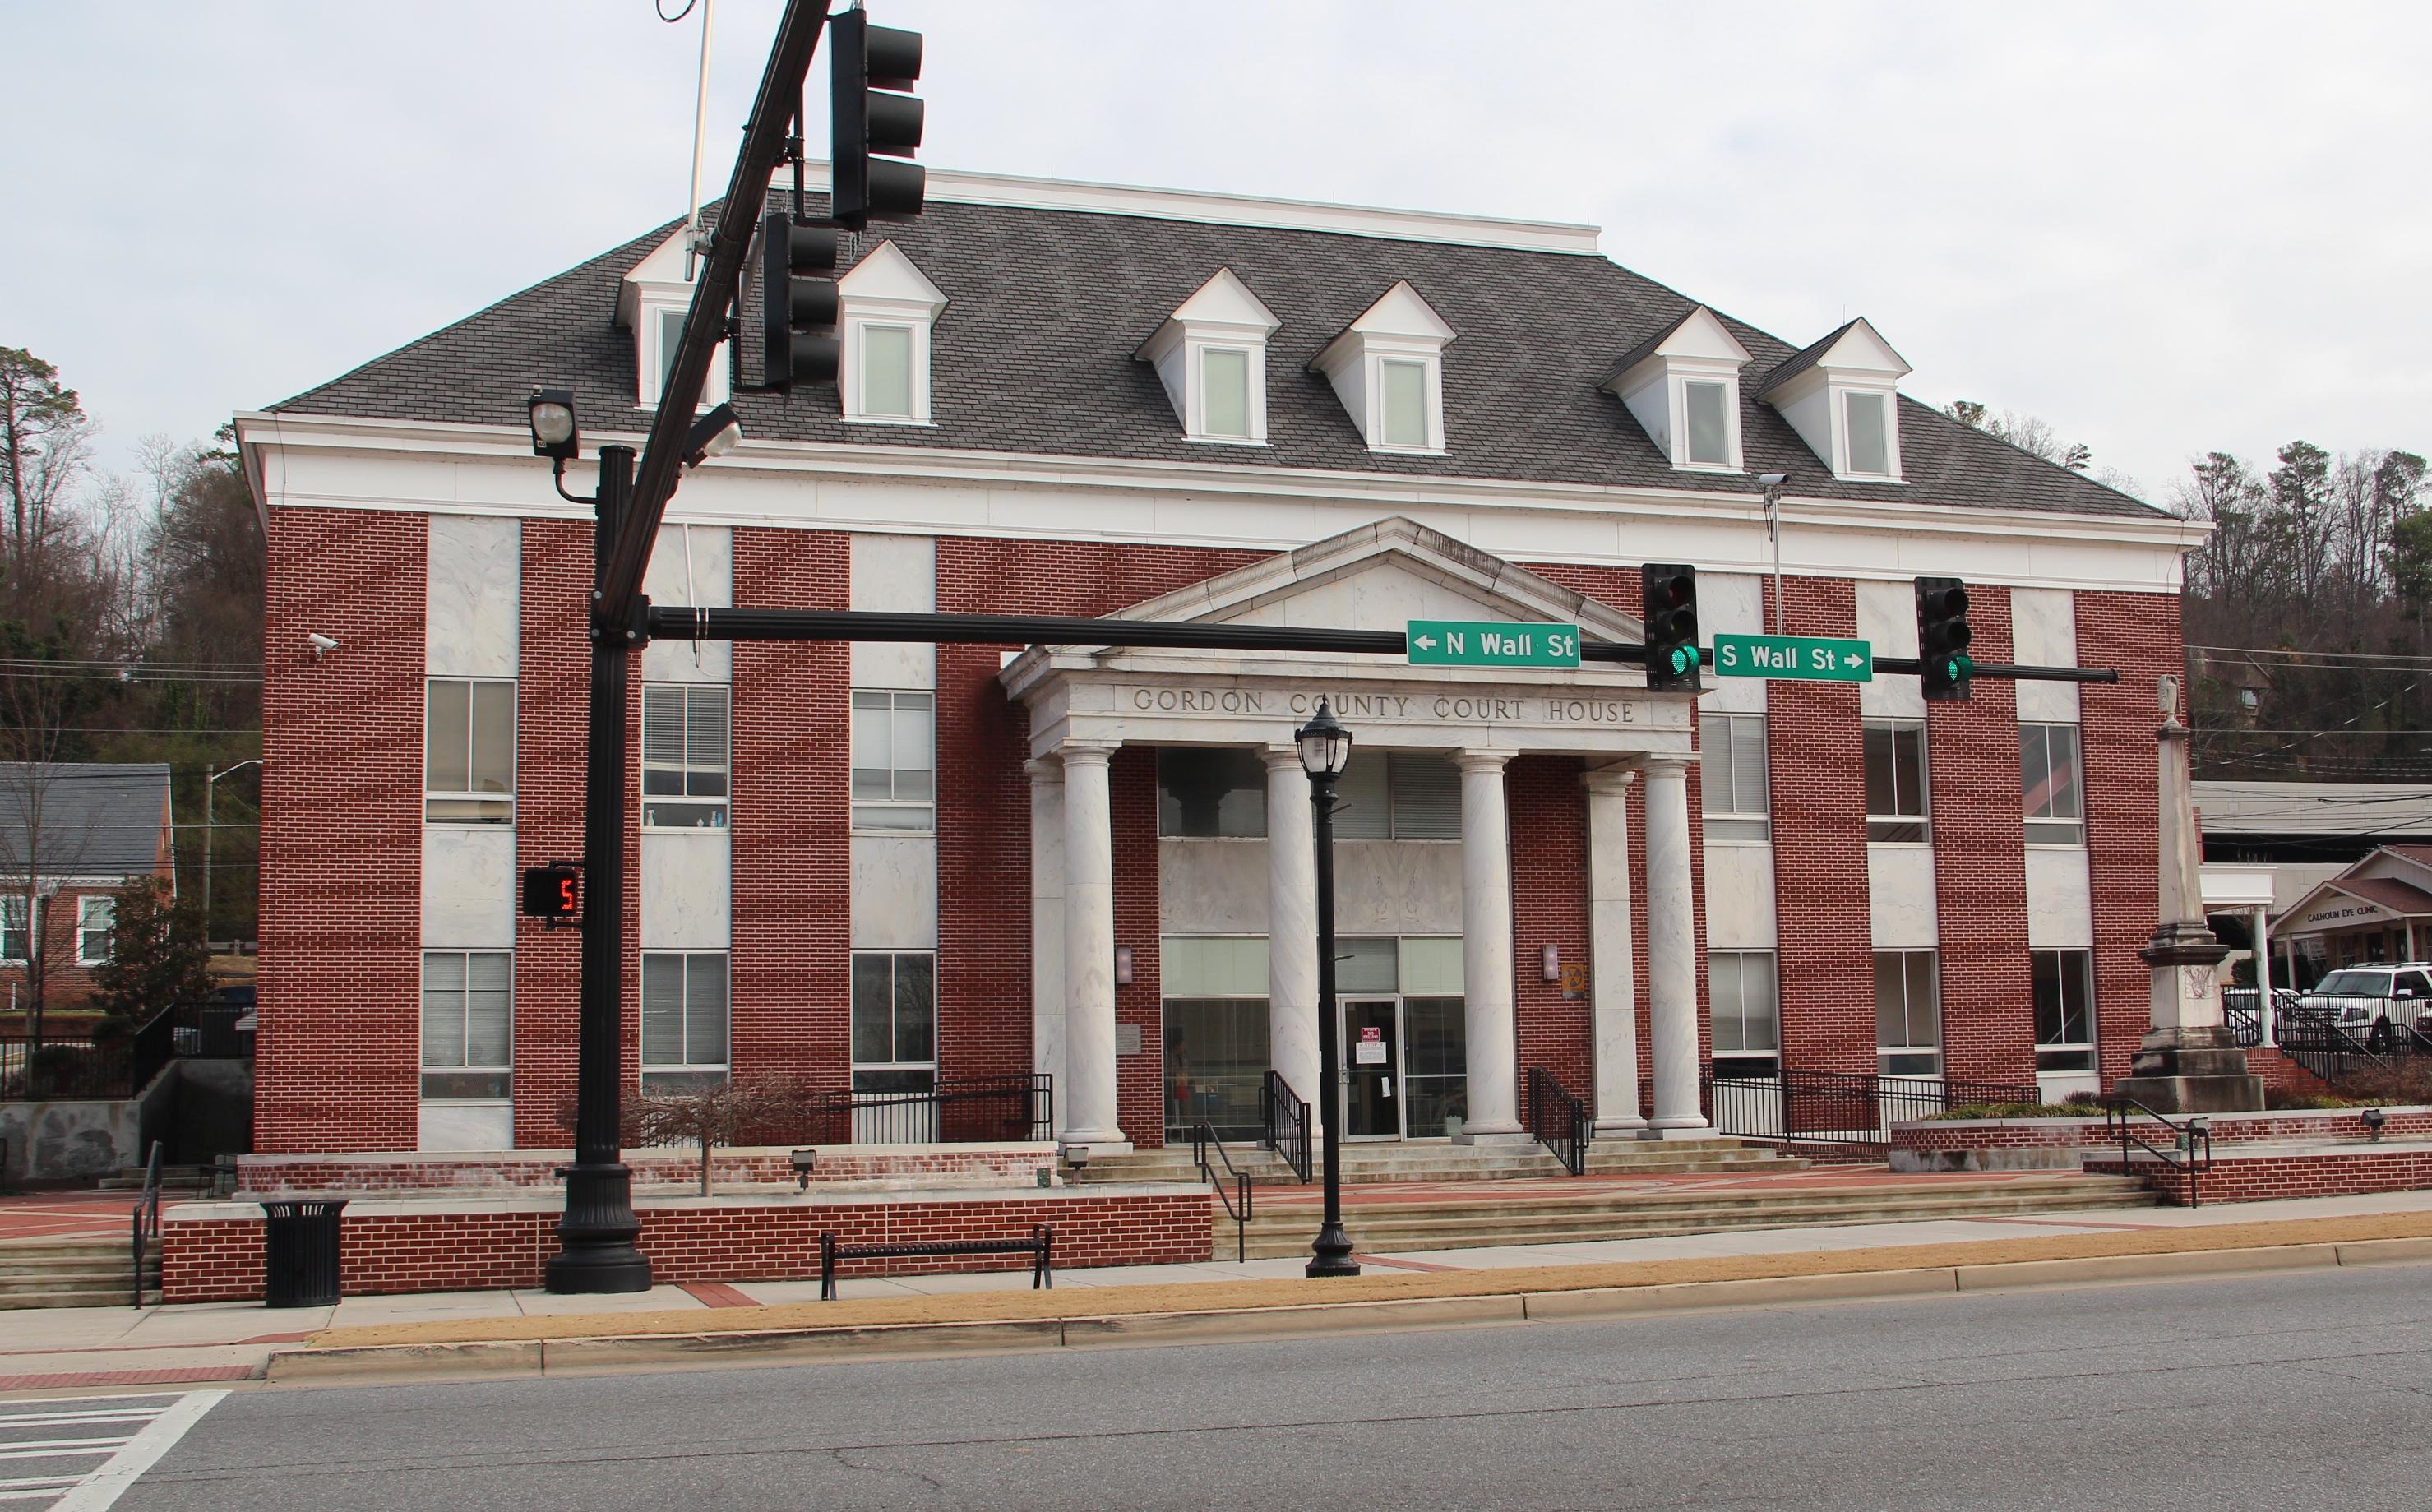 Gordon County Ga Building Inspector